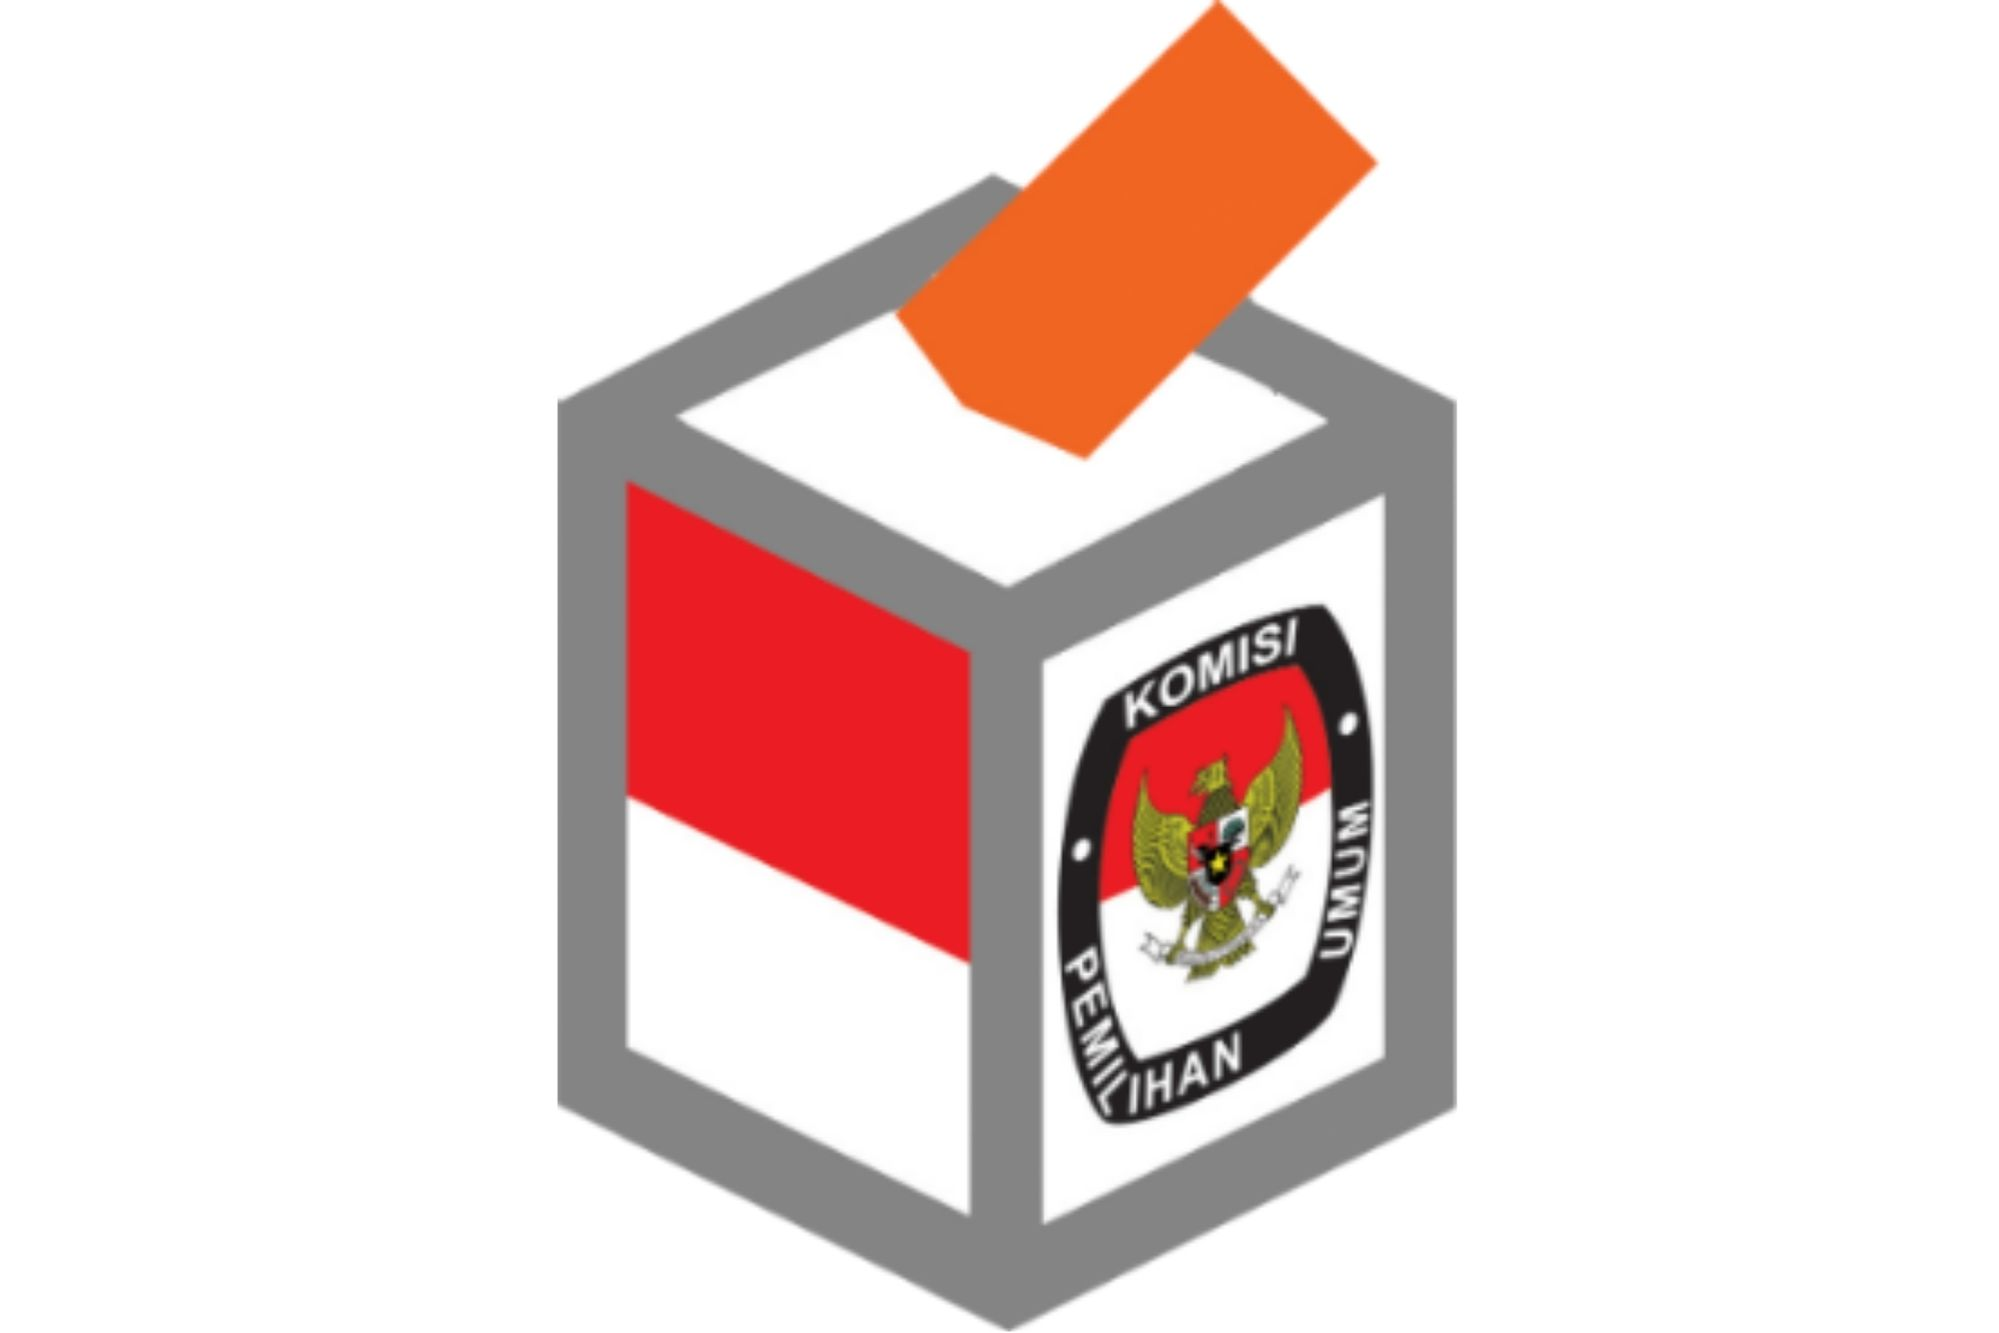 Mendagri Tegaskan Pelaksanaan Pilkada Serentak 2024 Konsisten dengan Undang-Undang